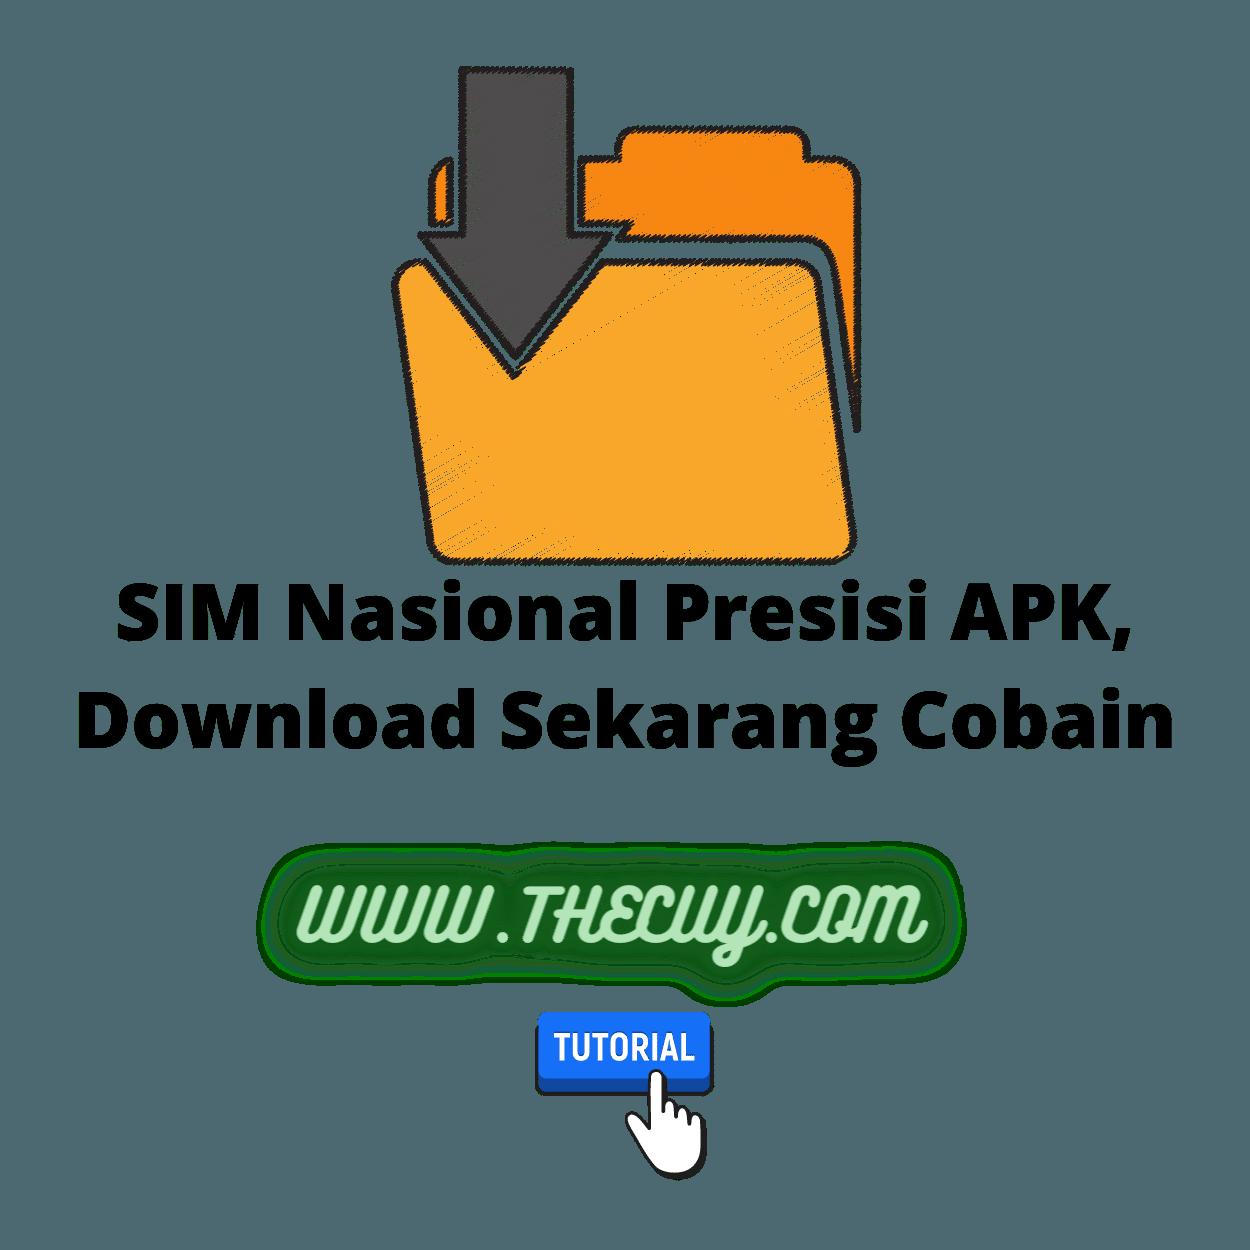 SIM Nasional Presisi APK, Download Sekarang Cobain